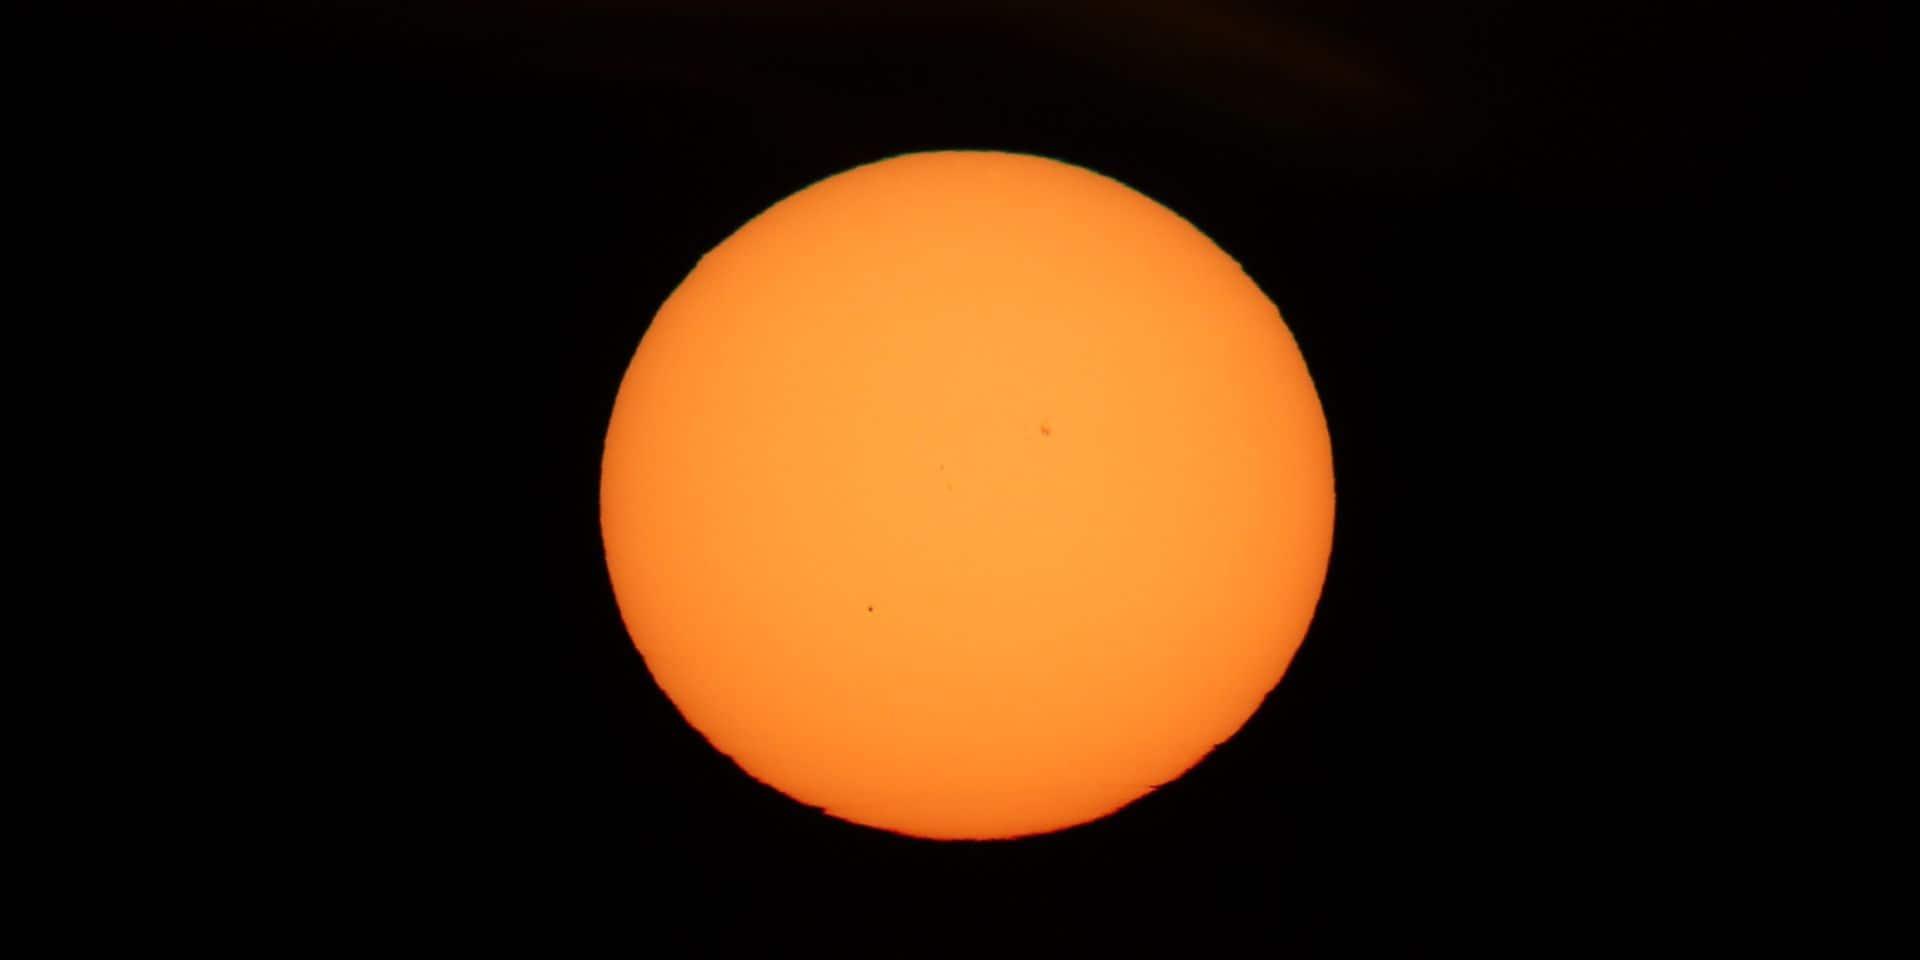 Phénomène astronomique exceptionnel: la petite Mercure a rendez-vous avec le Soleil ce lundi